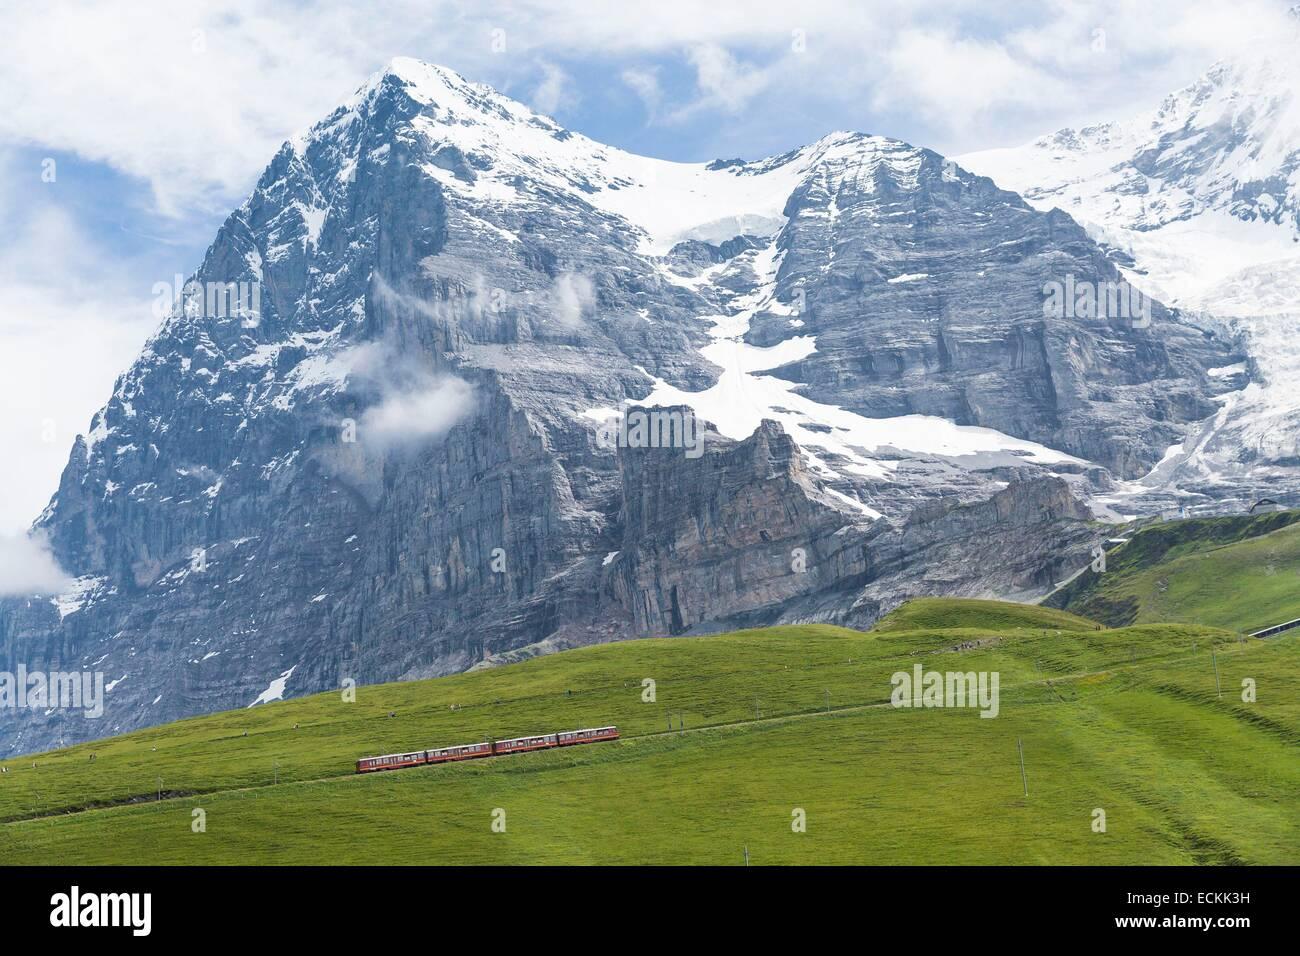 Schweiz, Kanton Bern, Grindelwald, aufgeführt als Weltkulturerbe der UNESCO, Zug zum Jungfraujoch, dem höchsten Stockbild